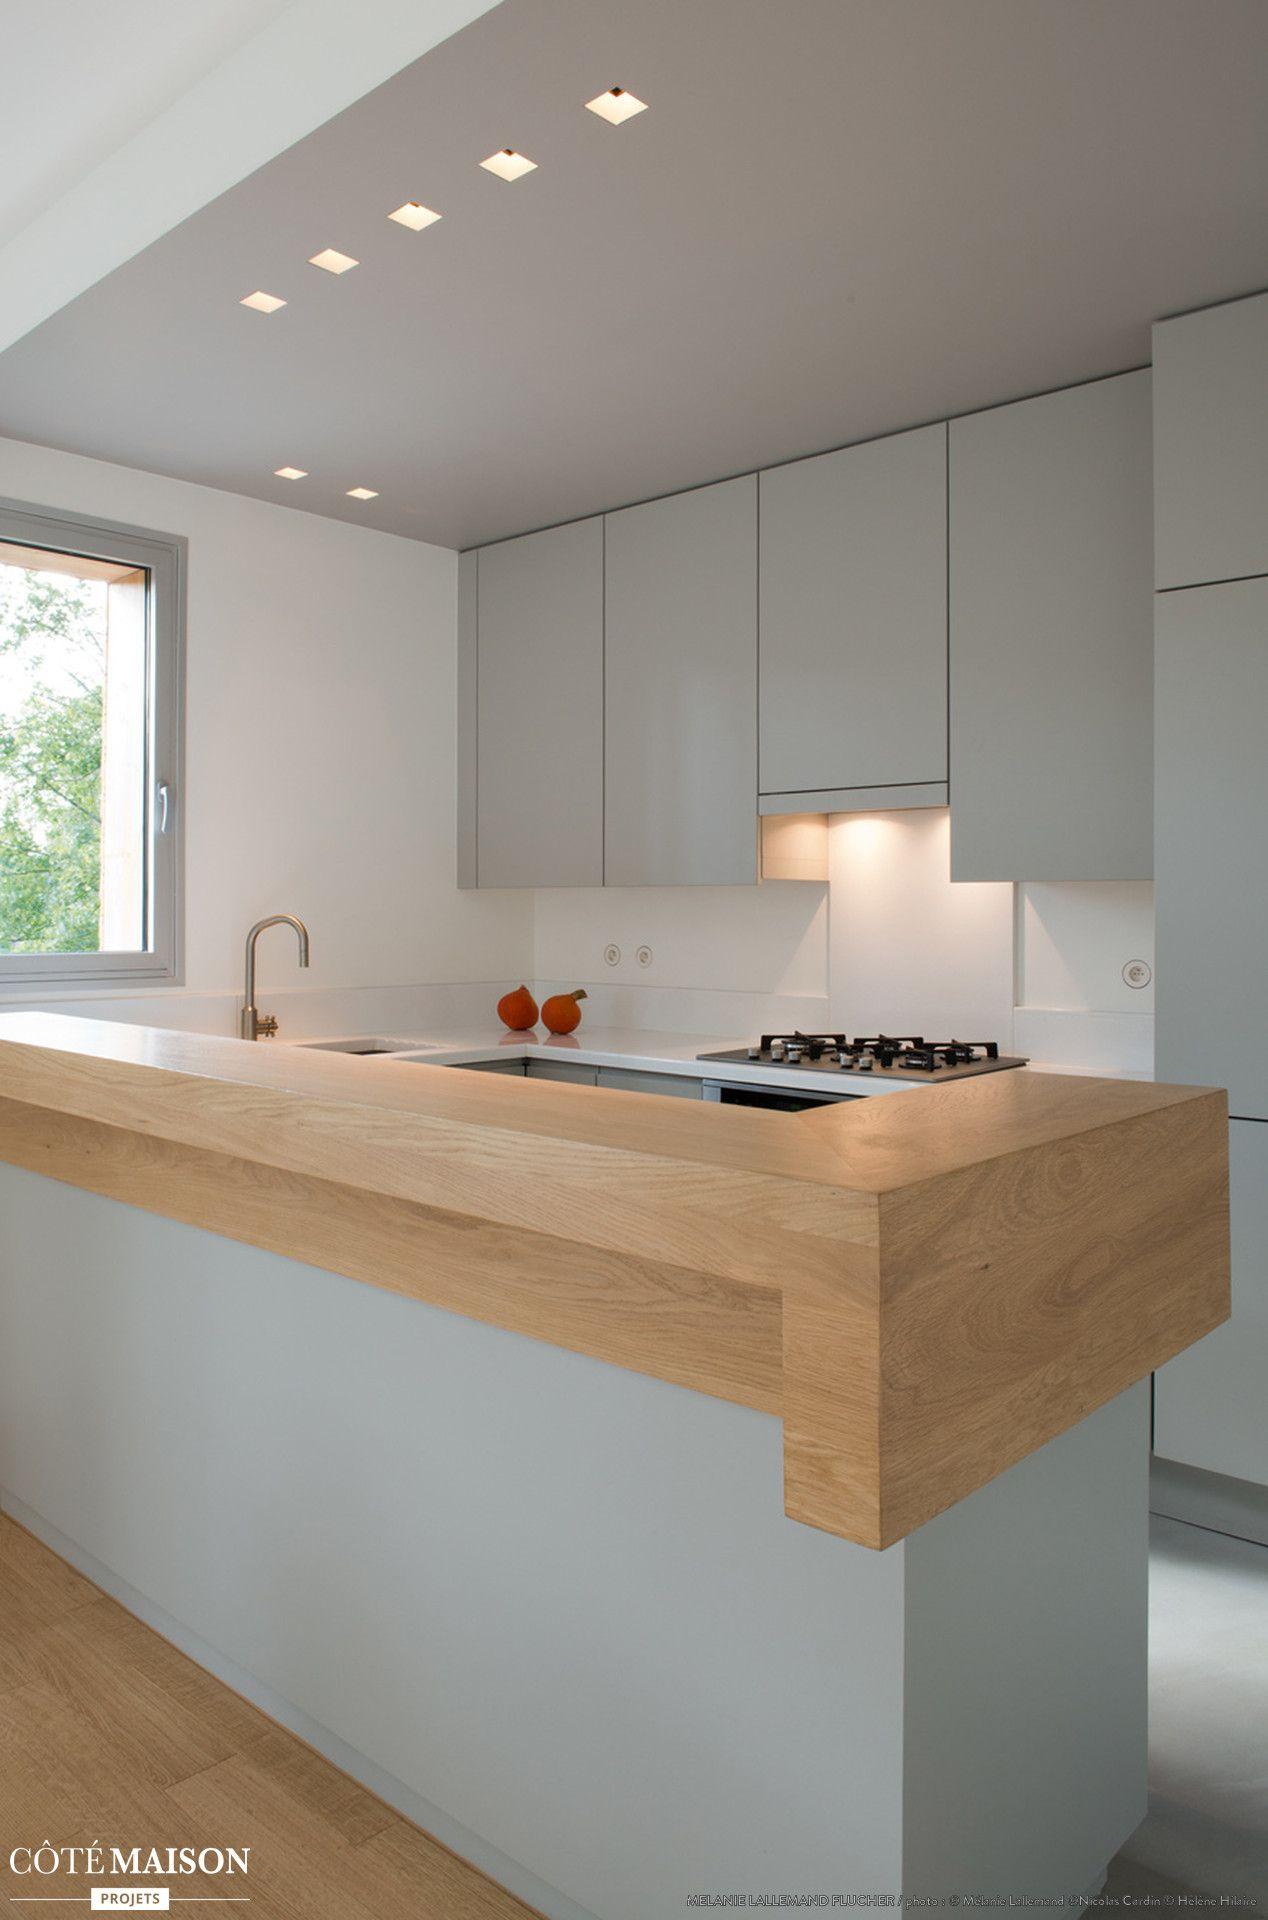 situ e sur un terrain forte pente la maison bois. Black Bedroom Furniture Sets. Home Design Ideas